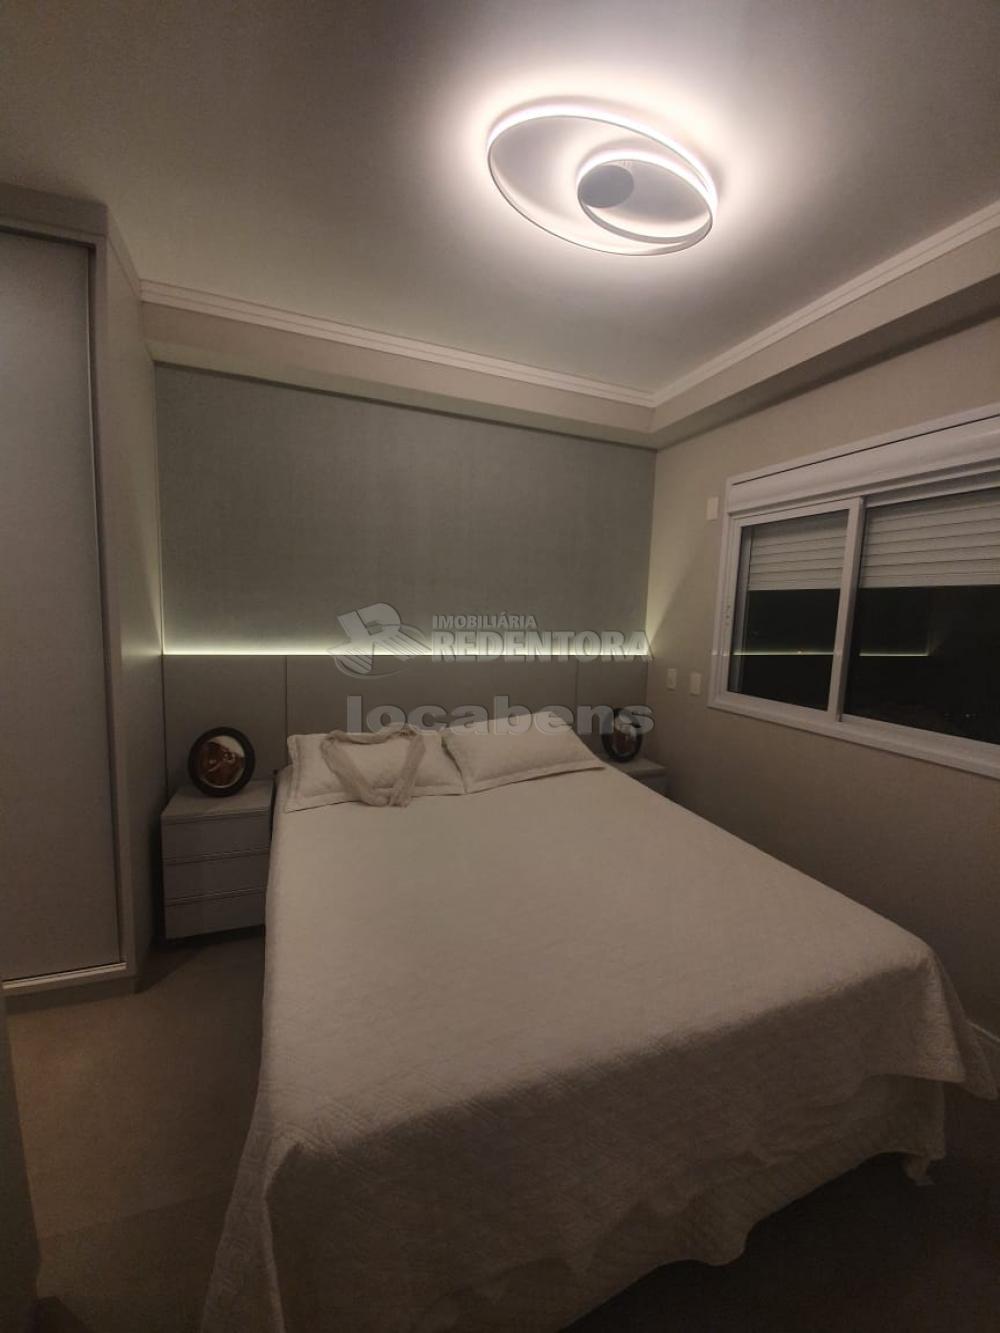 Comprar Apartamento / Padrão em São José do Rio Preto apenas R$ 1.050.000,00 - Foto 4